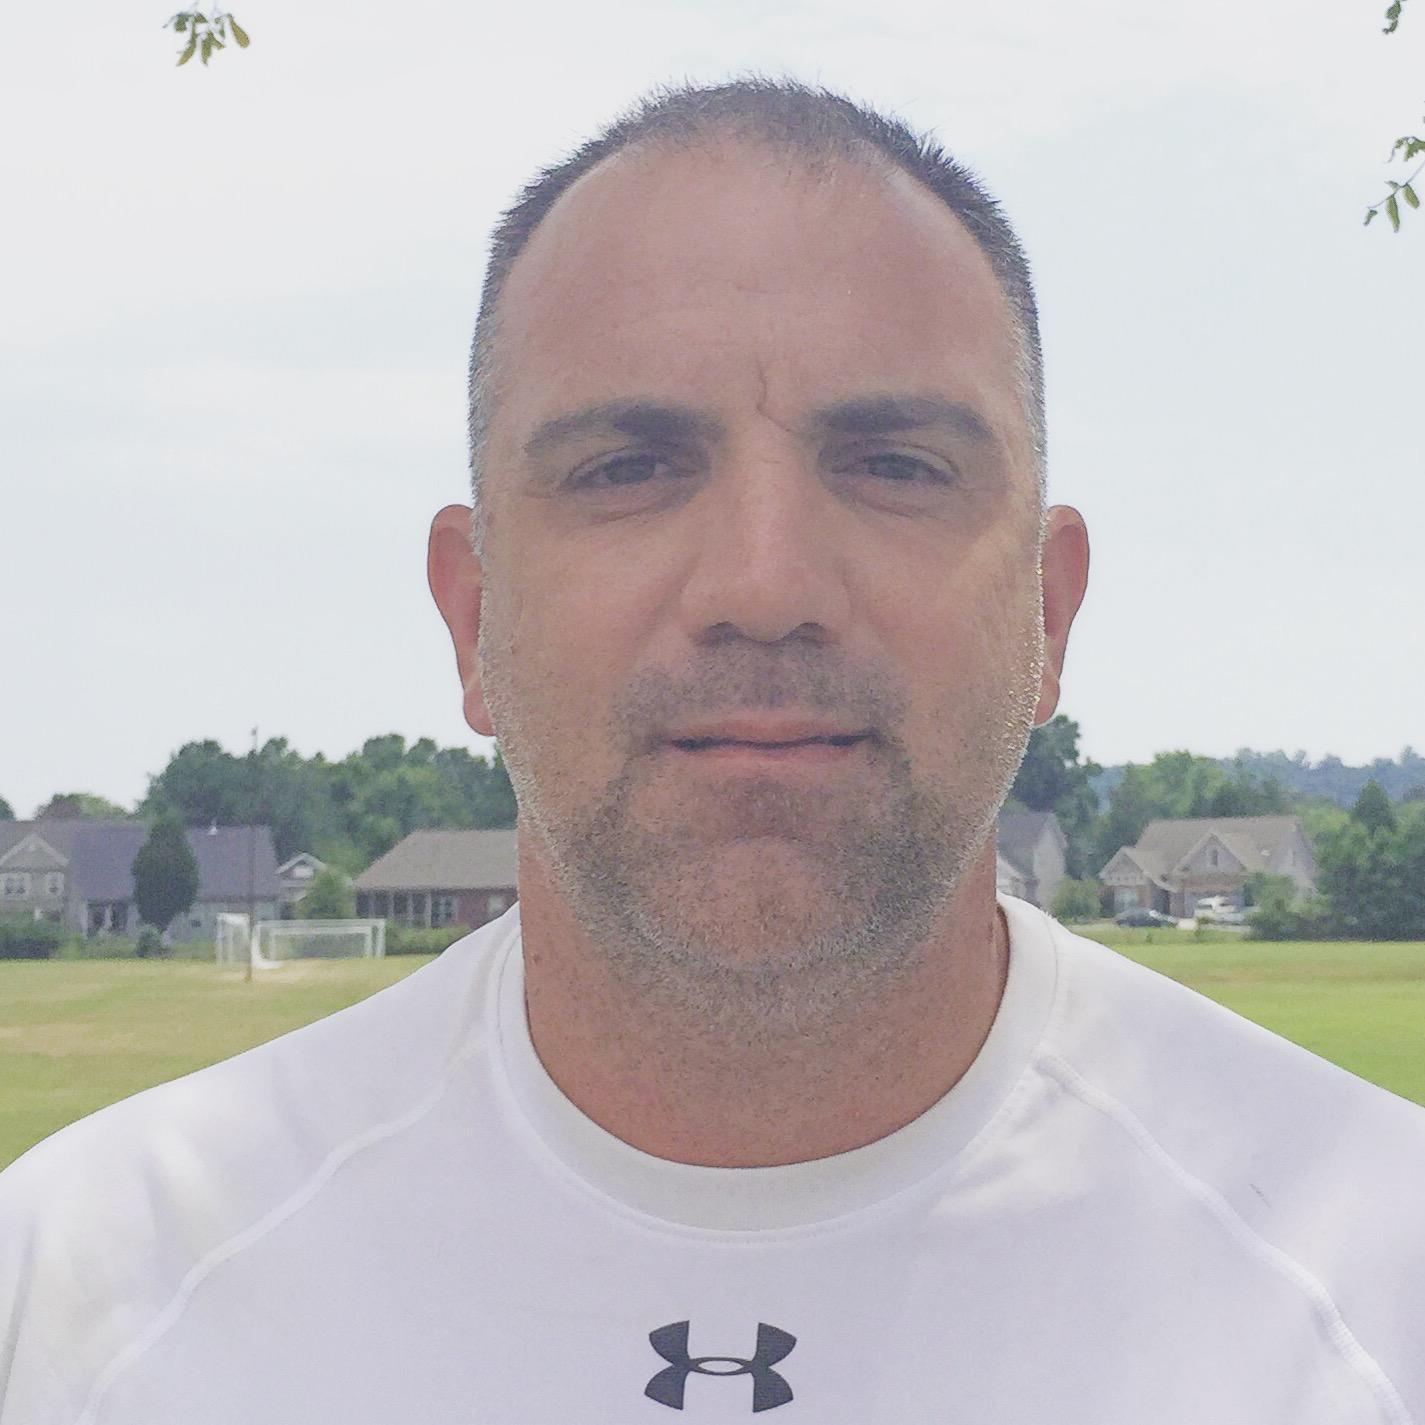 Murfreesboro Soccer Club has new leadership